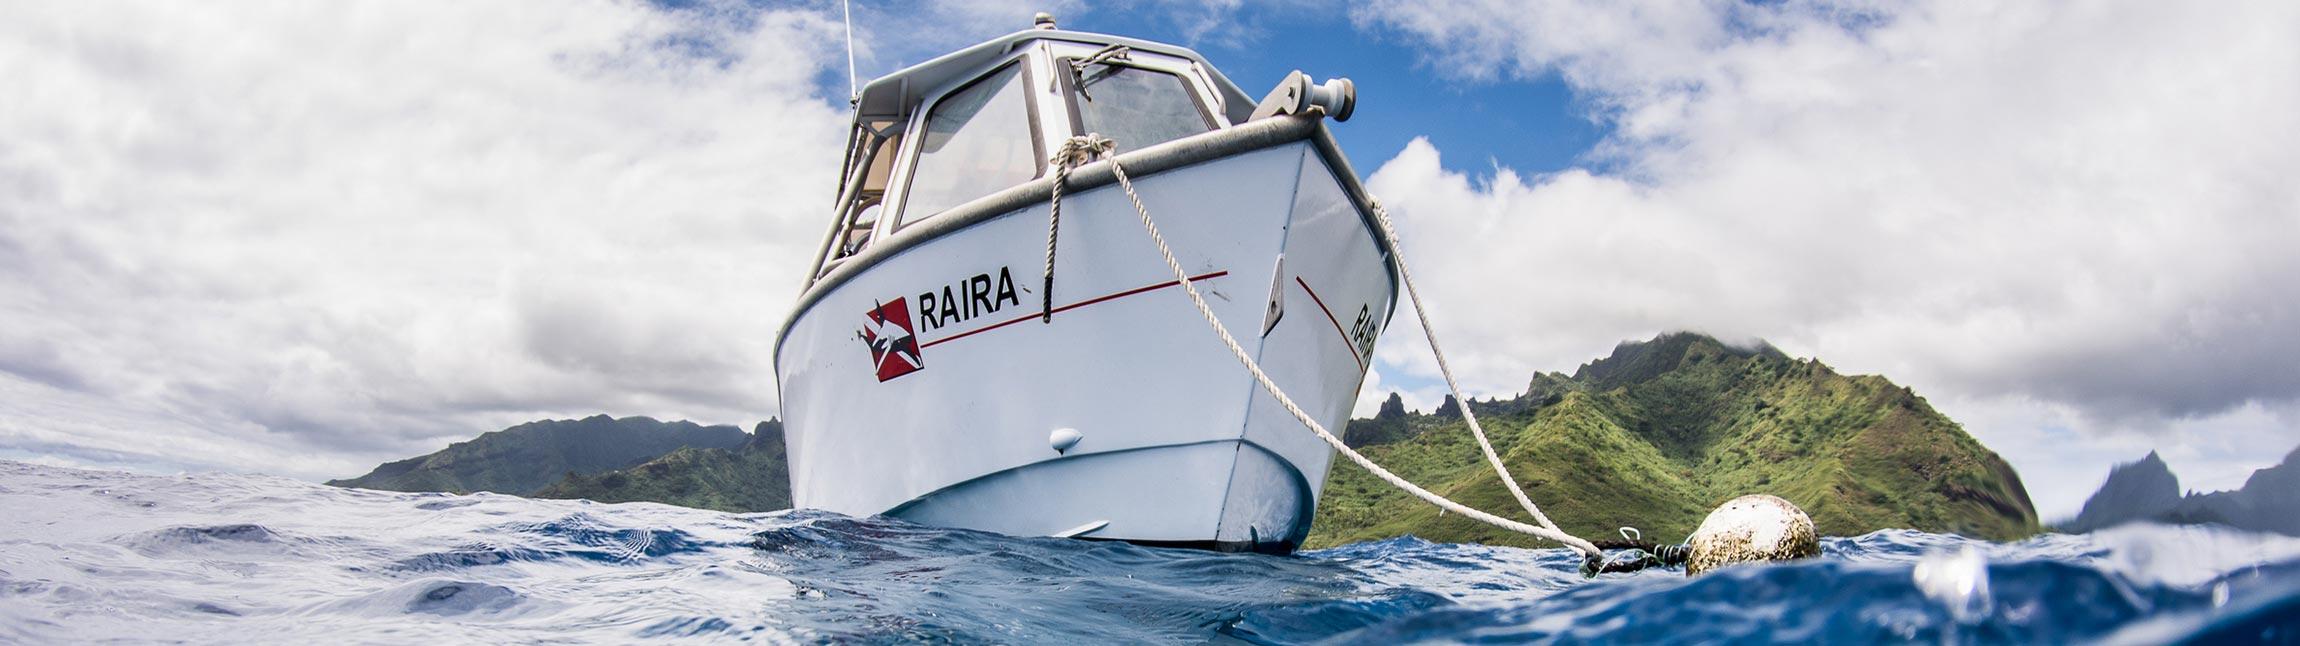 Raira boat - Topdive